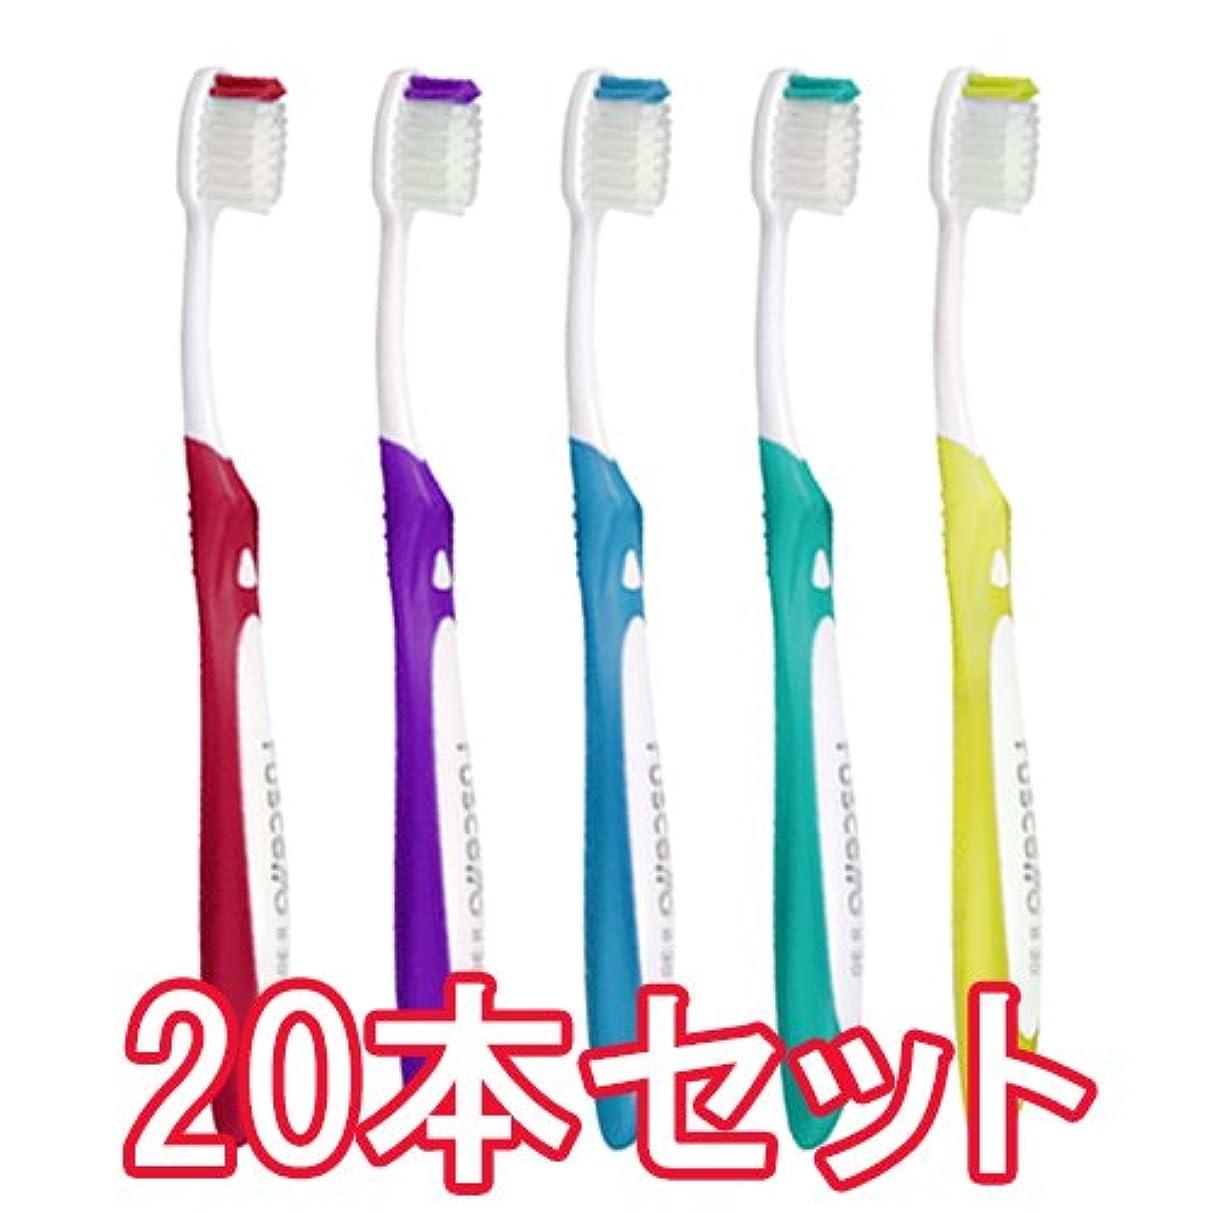 平行責いつジーシー(GC) ルシェロB-30 グラッポ 歯ブラシ × 20本セット【キャップ付き】